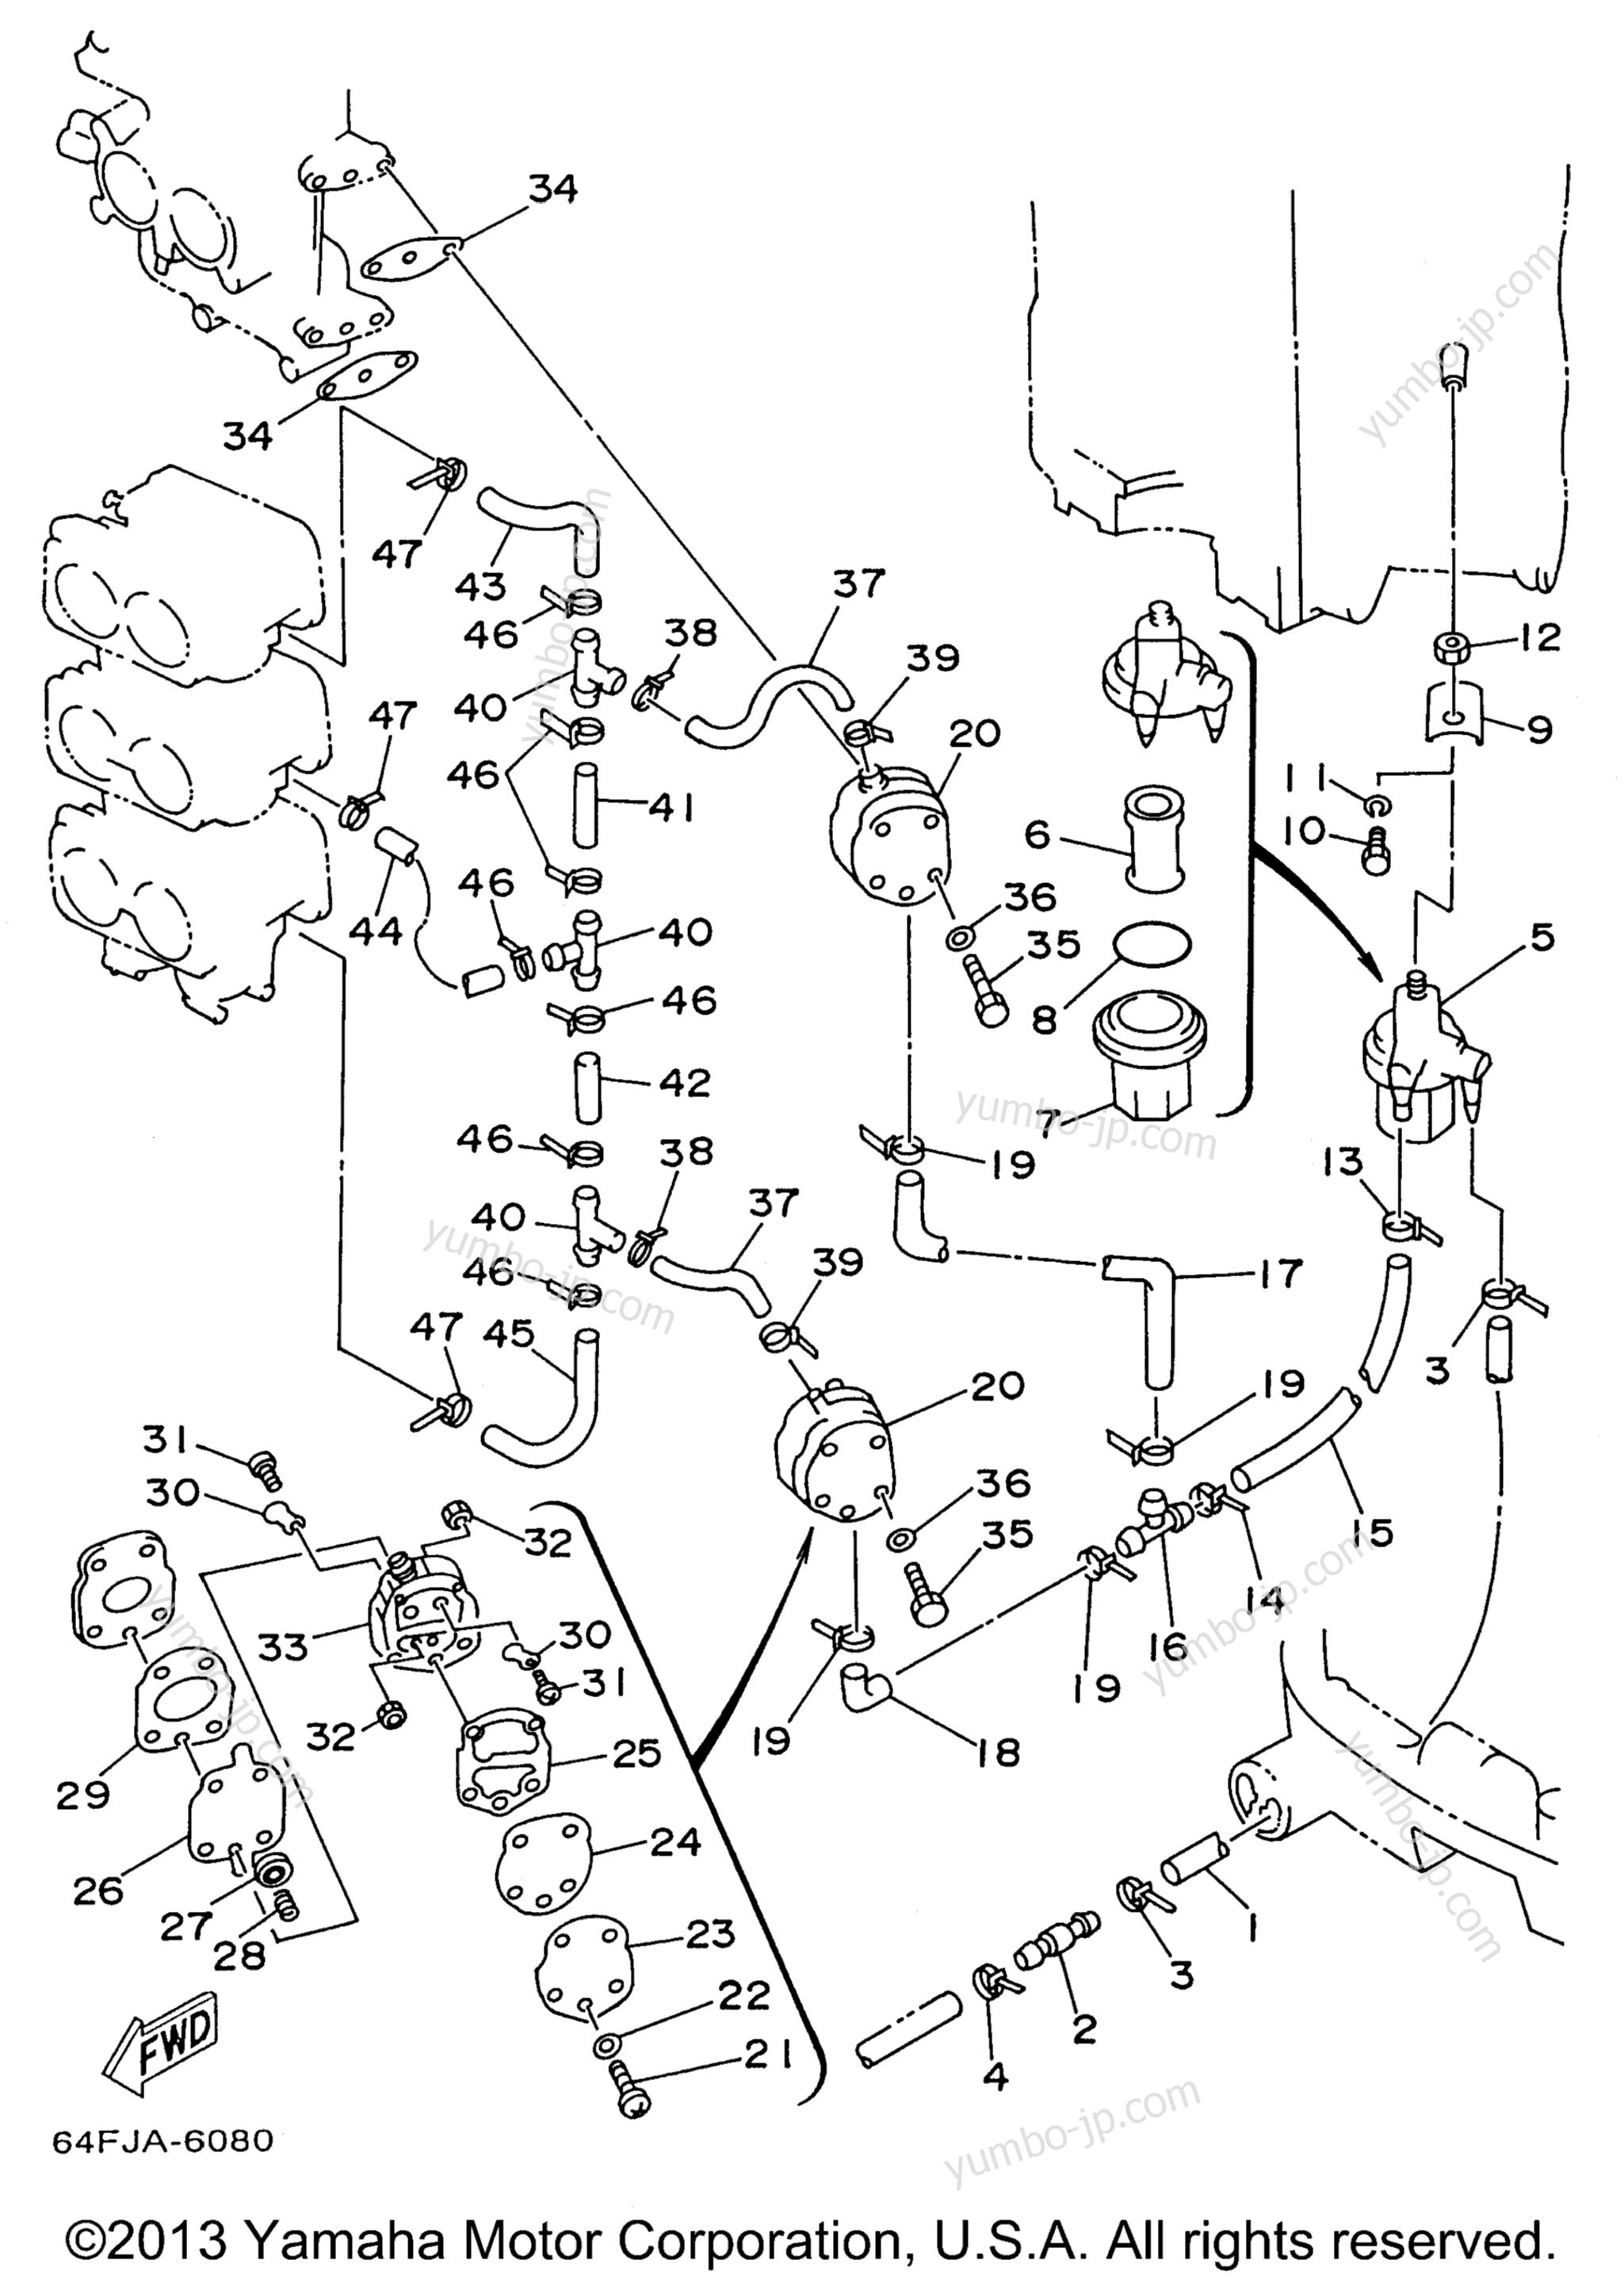 Схема топливной системы л 200